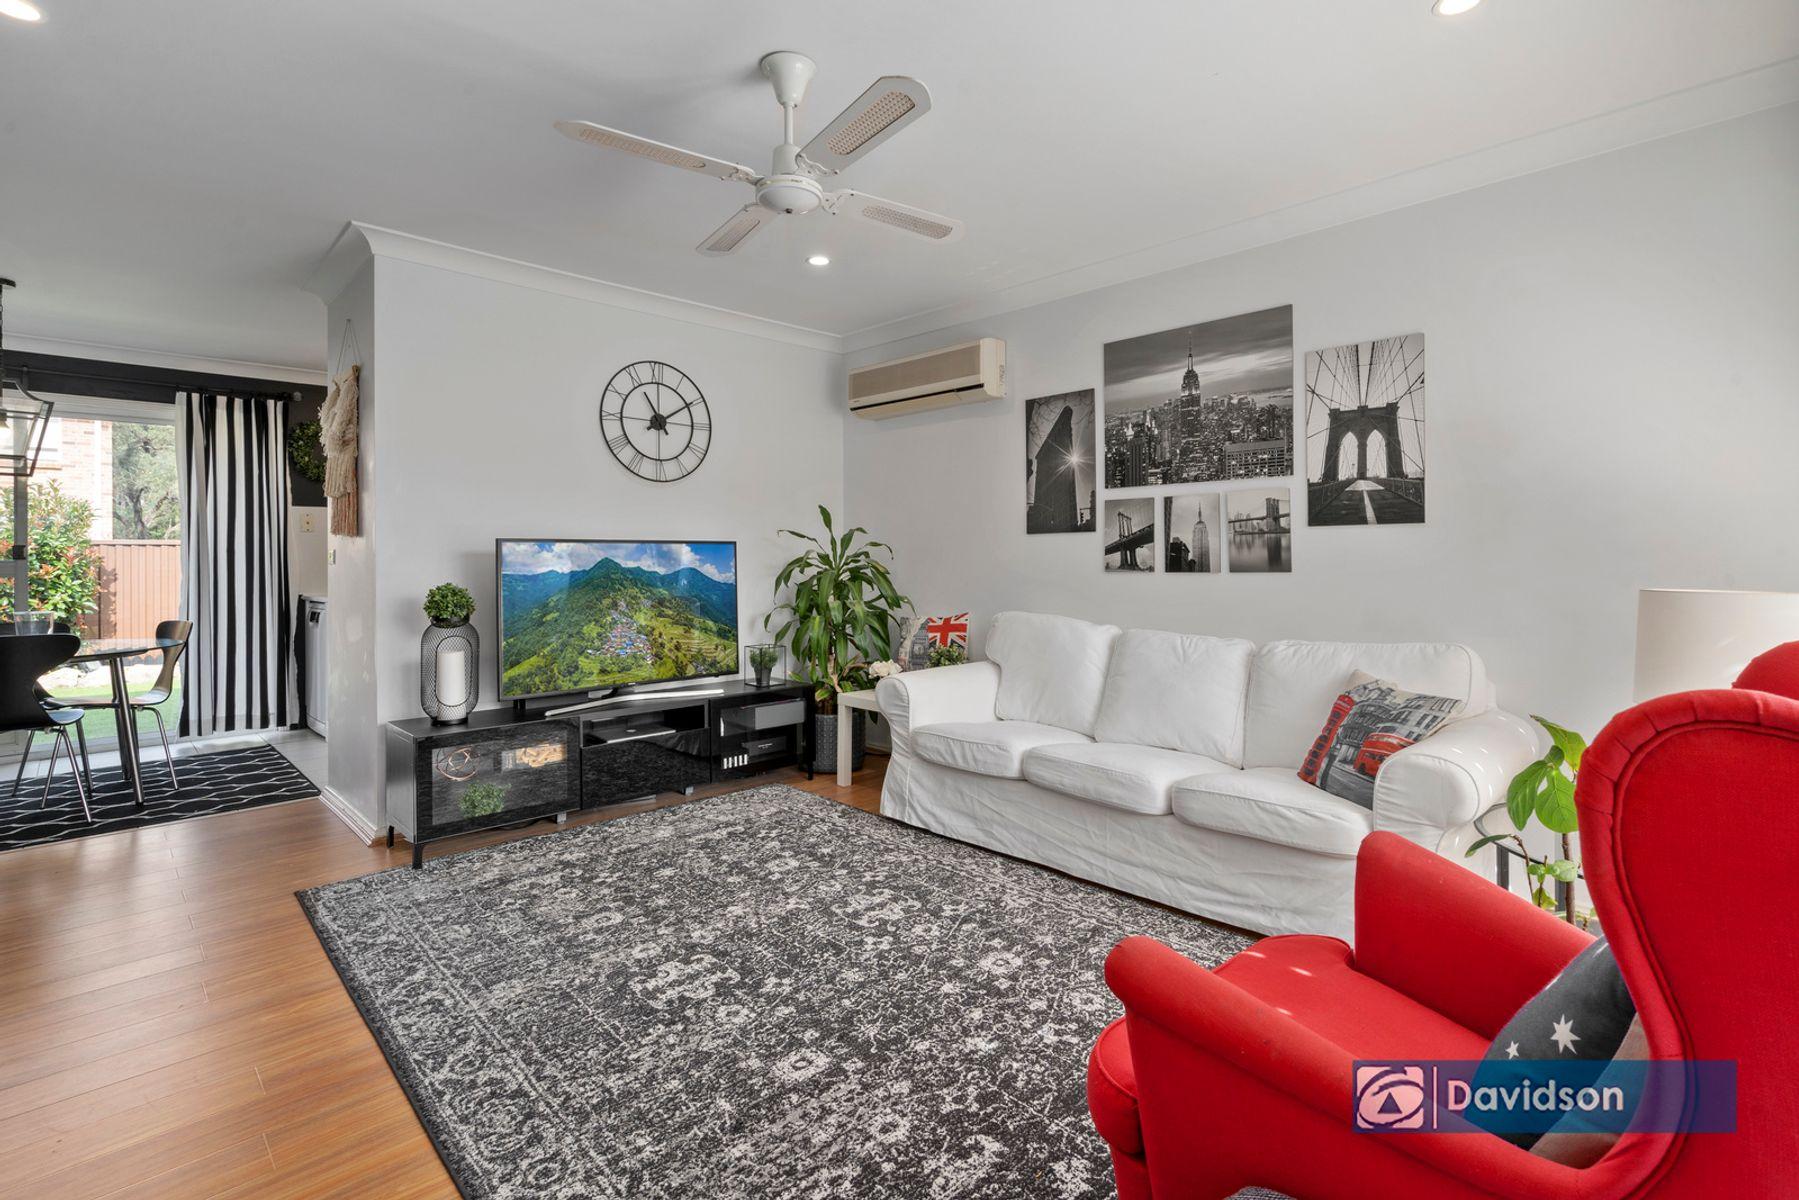 32/109 Stewart Ave, Hammondville, NSW 2170